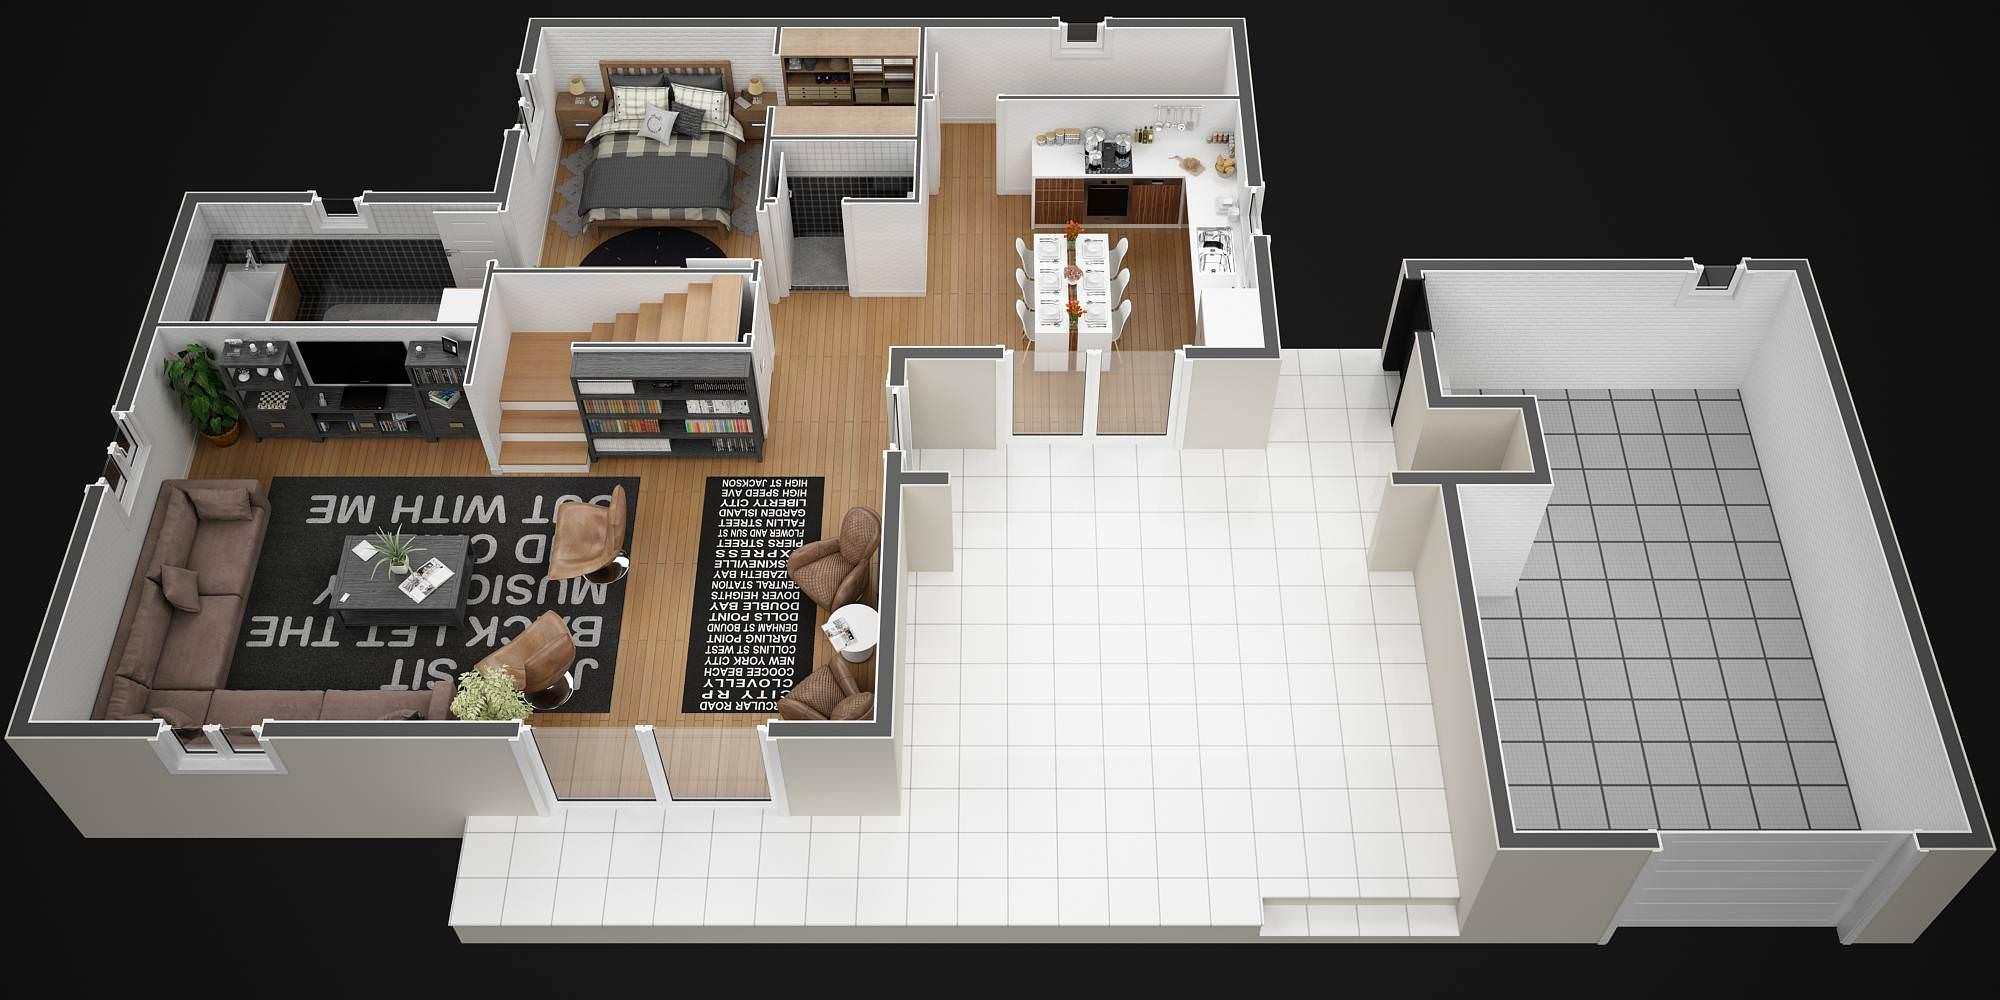 maison 120m2 top maison. Black Bedroom Furniture Sets. Home Design Ideas